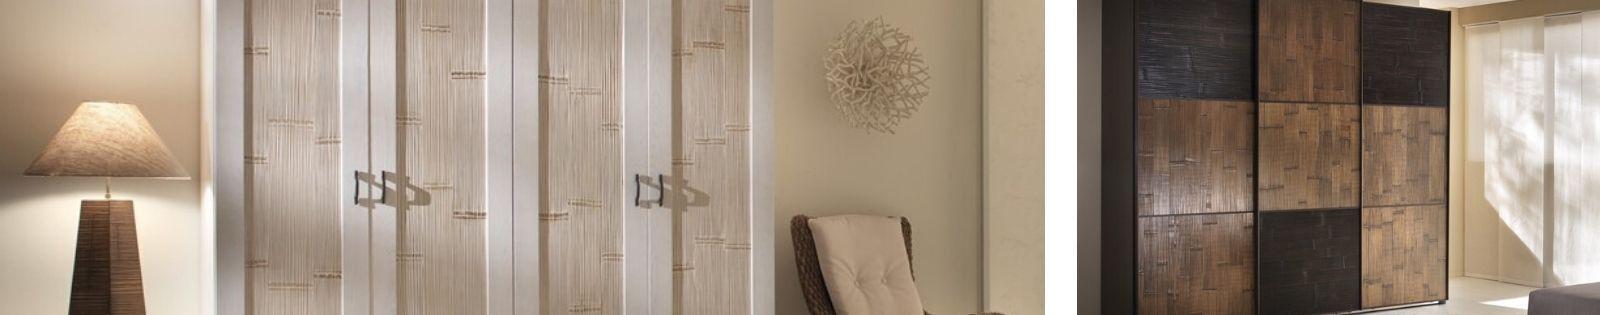 Armoires en Bambou Haut de gamme. Meuble pour la chambre en bambou. Le Monde du Lit